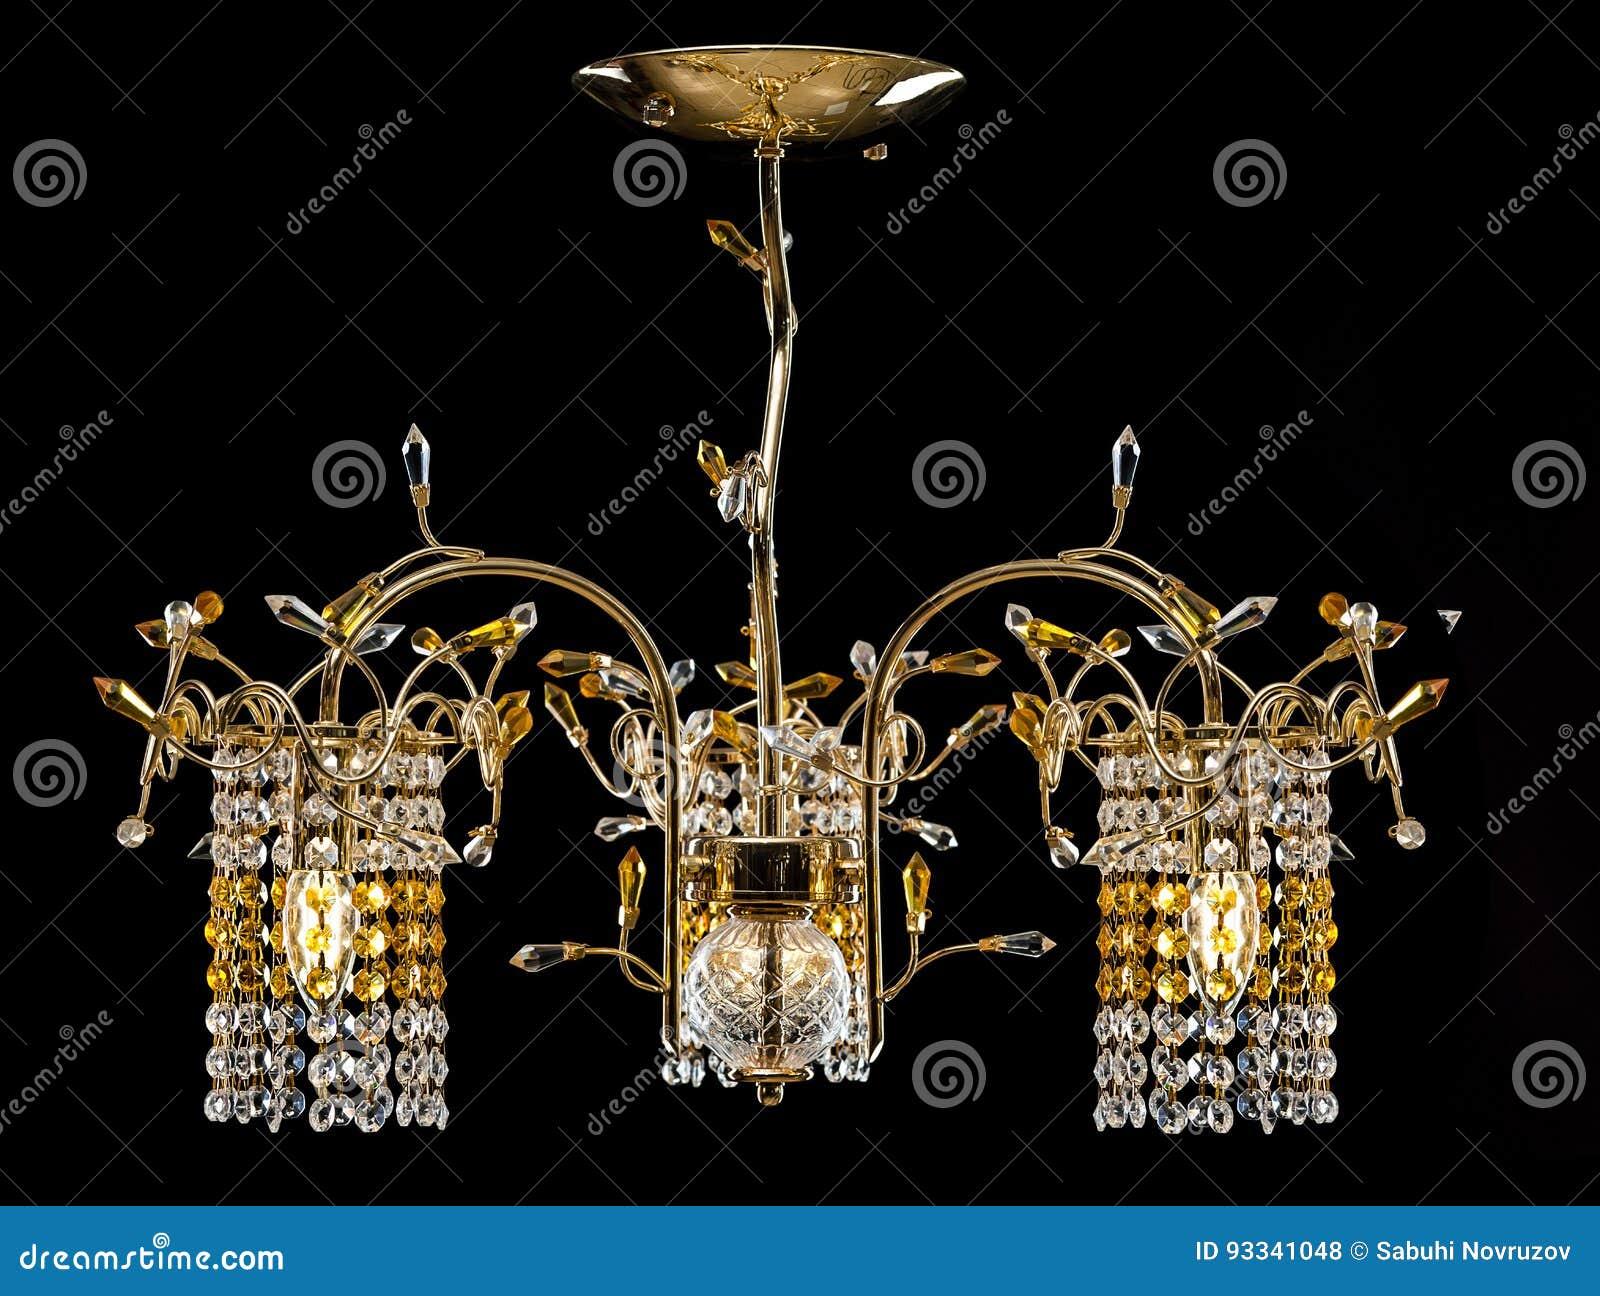 Leuchter Für Einen Modernen Innenraum Goldkristallleuchter Für Halle,  Wohnzimmer Oder Schlafzimmer Getrennt Auf Schwarzem Hintergrund